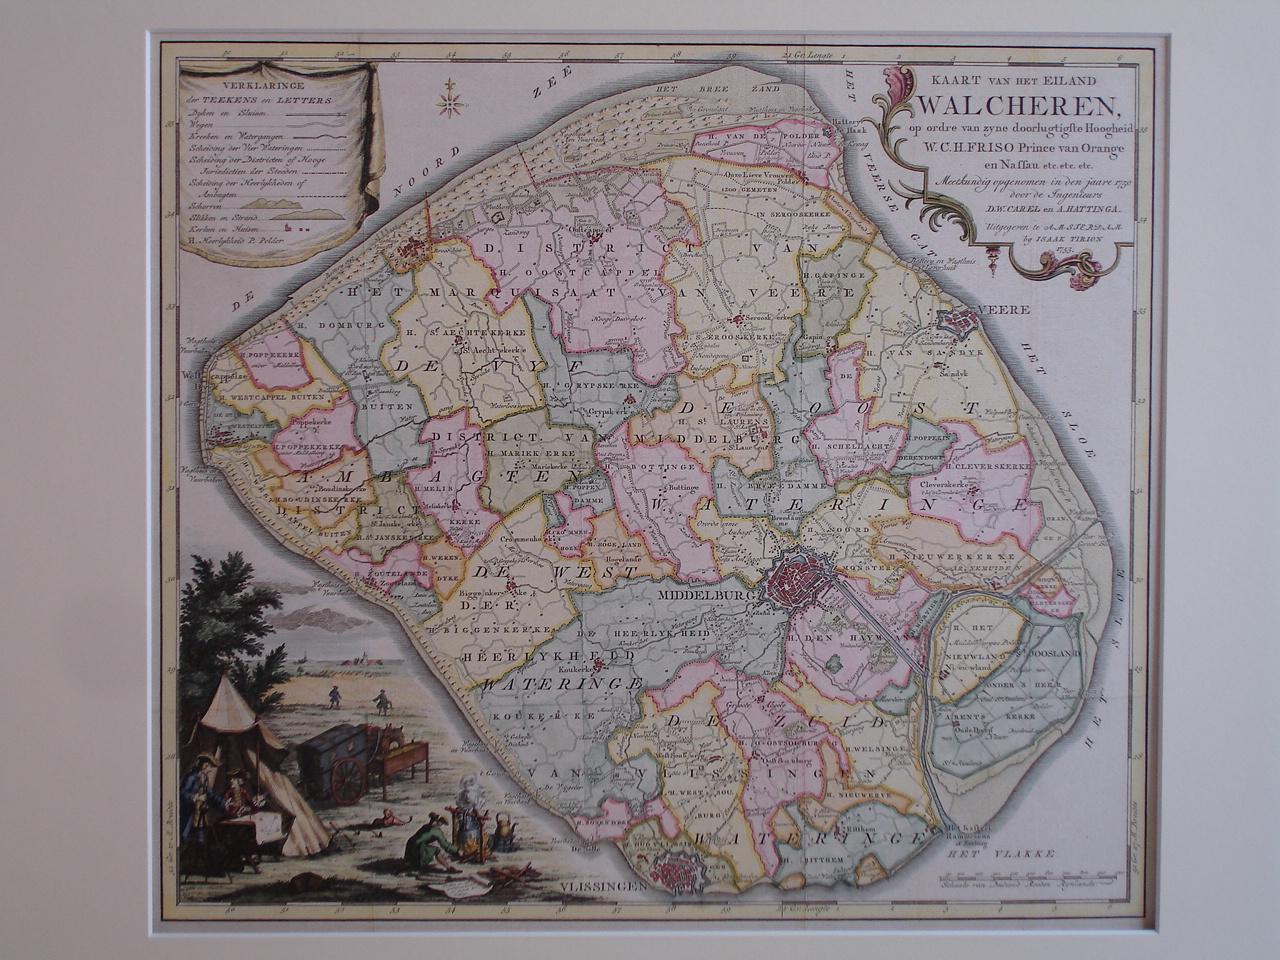 WALCHEREN. - Kaart van het eiland Walcheren, op ordre van zyne doorlugtigste Hoogheid W.C.H. Friso Prince van Orange en Nassau etc.etc.etc. Meetkundig opgenomen in den jaare 1750 door de Ingenieurs D.W. Carel en A. Hattinga.